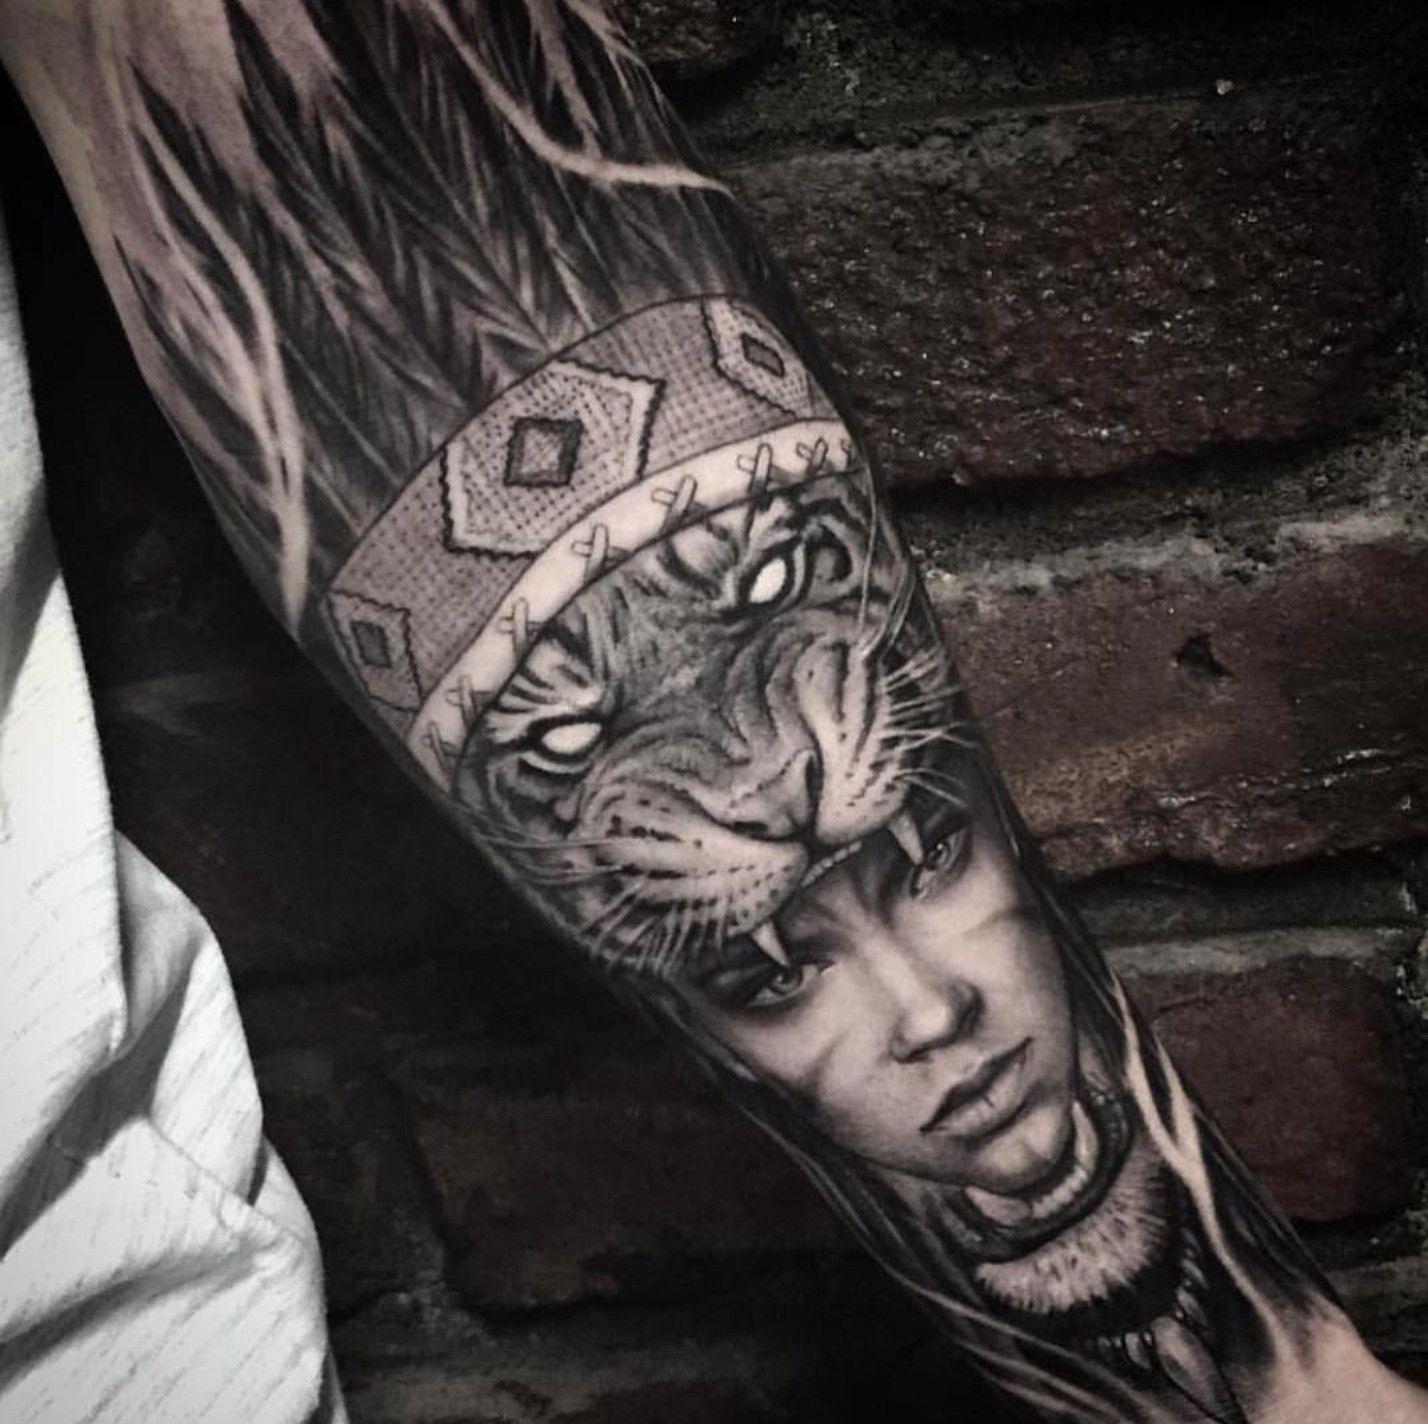 tiger headdress tattoo tattoo ideas pinterest headdress tigers and tattoo. Black Bedroom Furniture Sets. Home Design Ideas